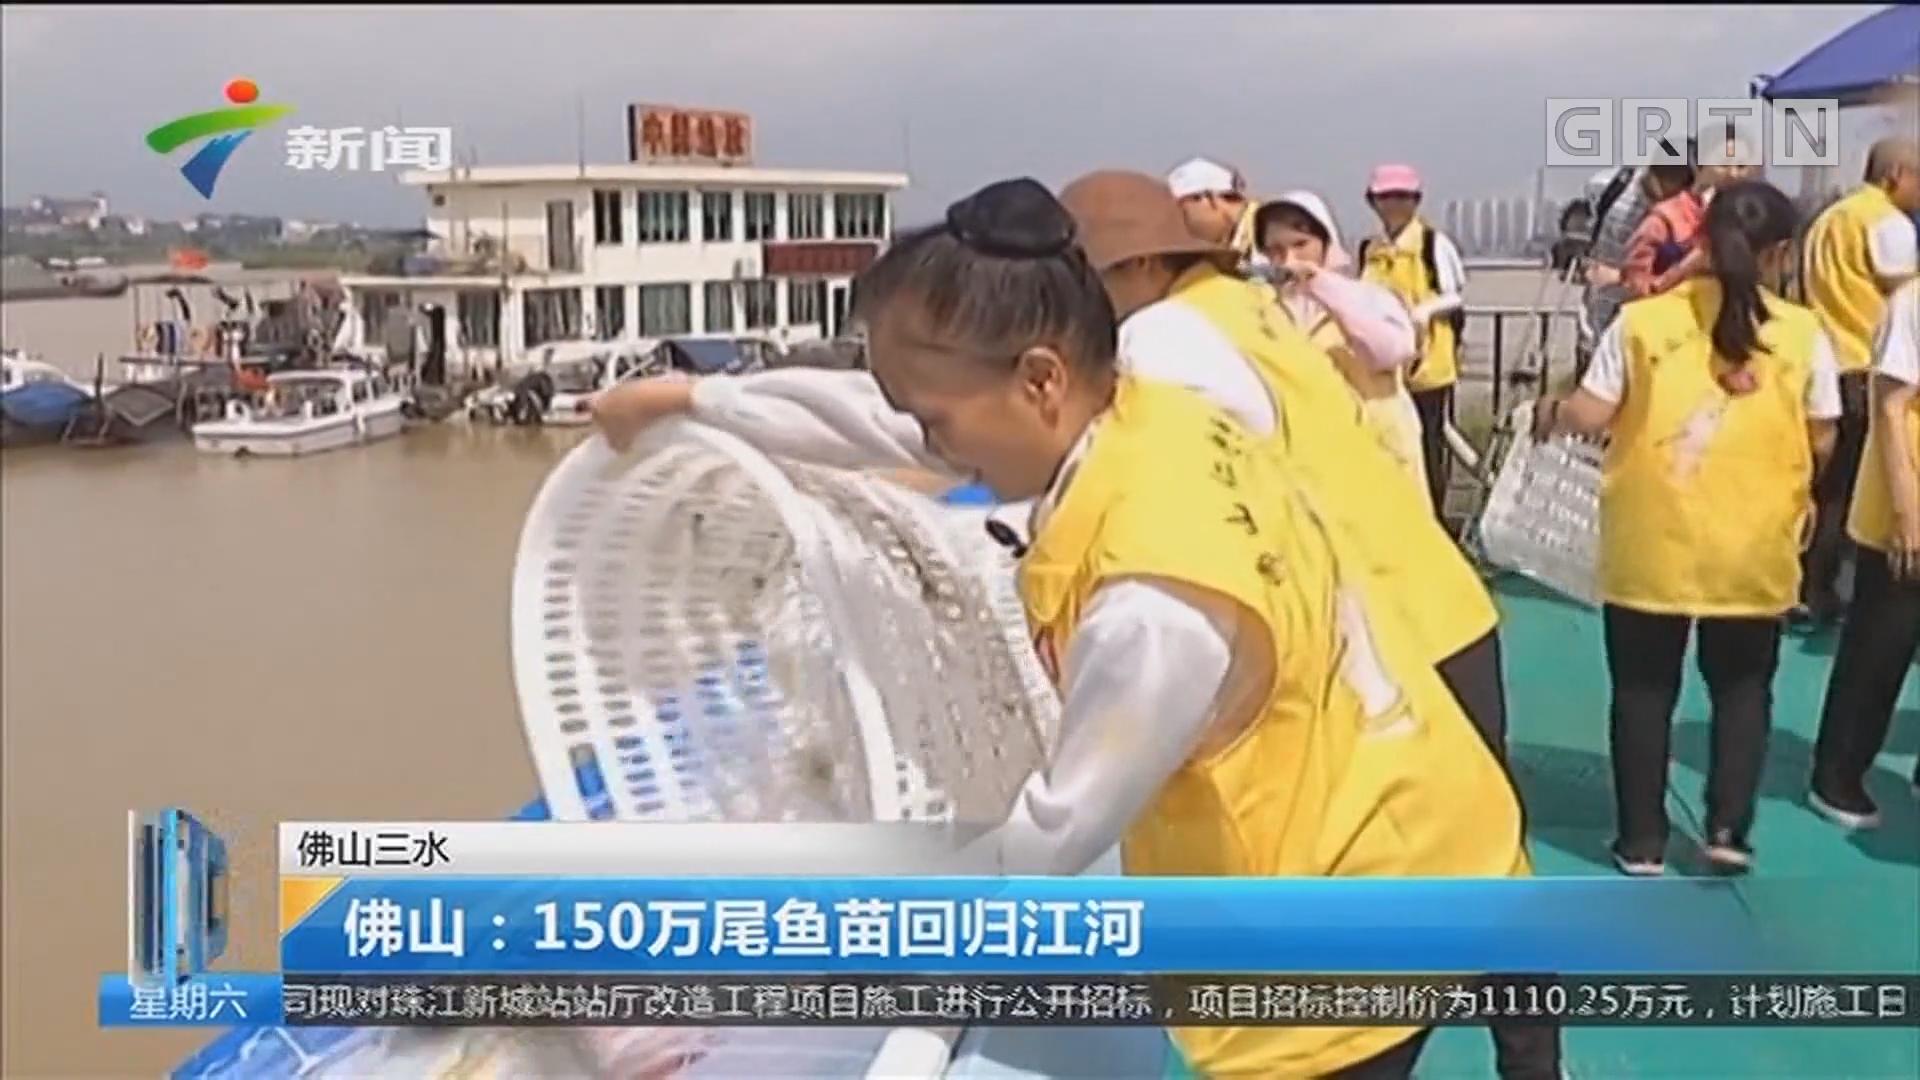 佛山三水 佛山:150万尾鱼苗回归江河